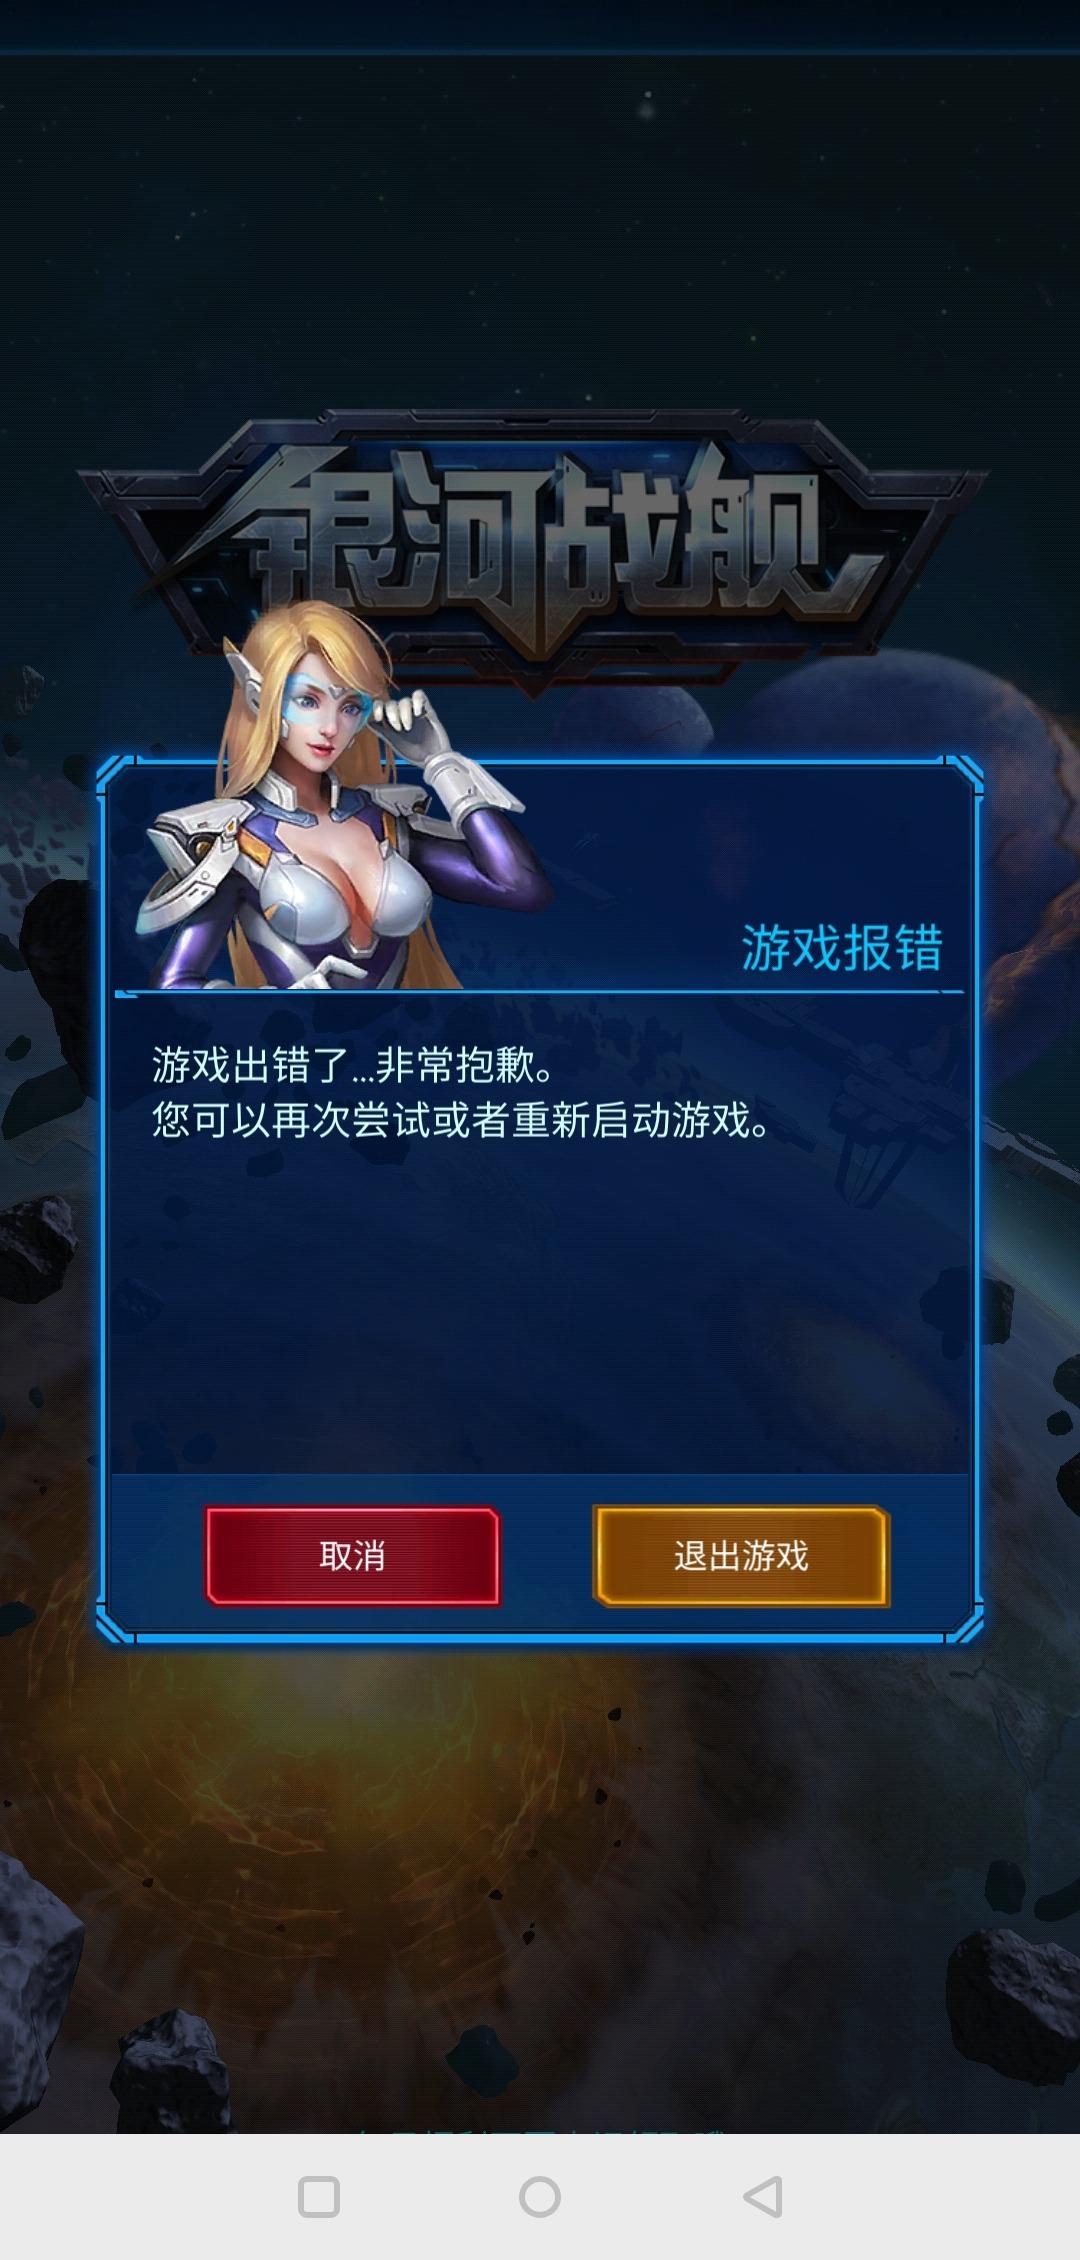 Screenshot_20190814-072455.jpg